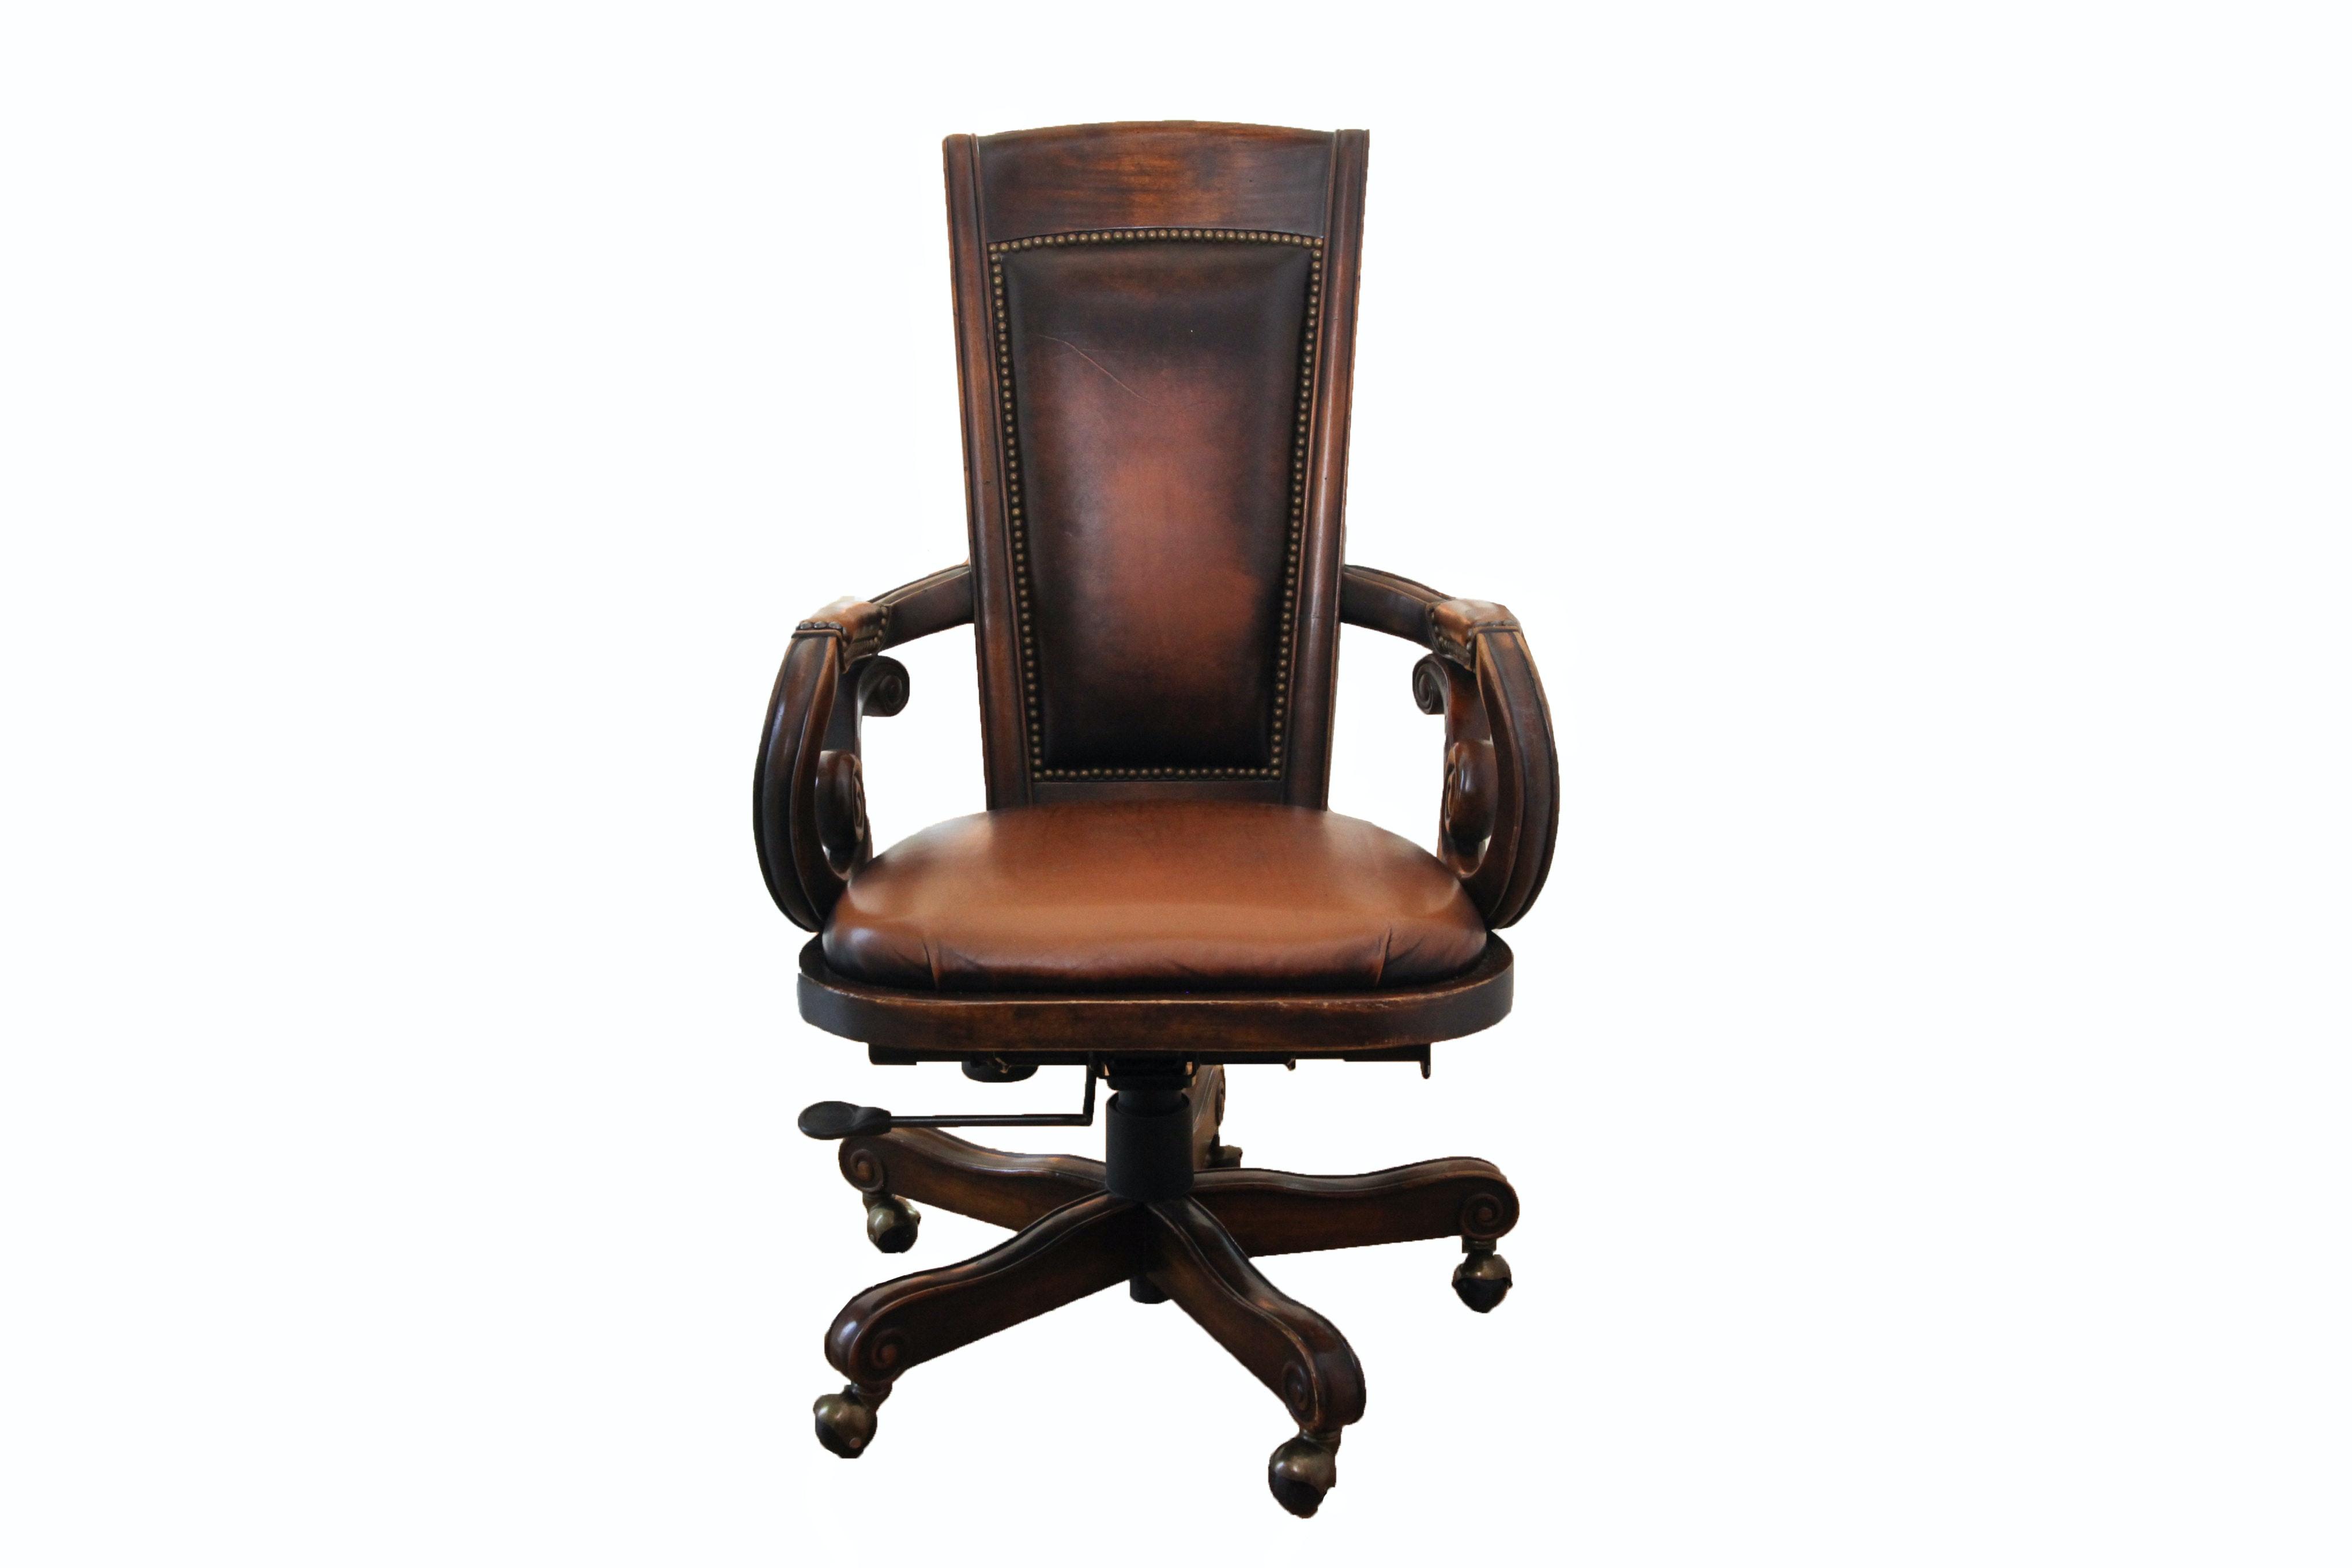 Regency Style Rolling Office Chair